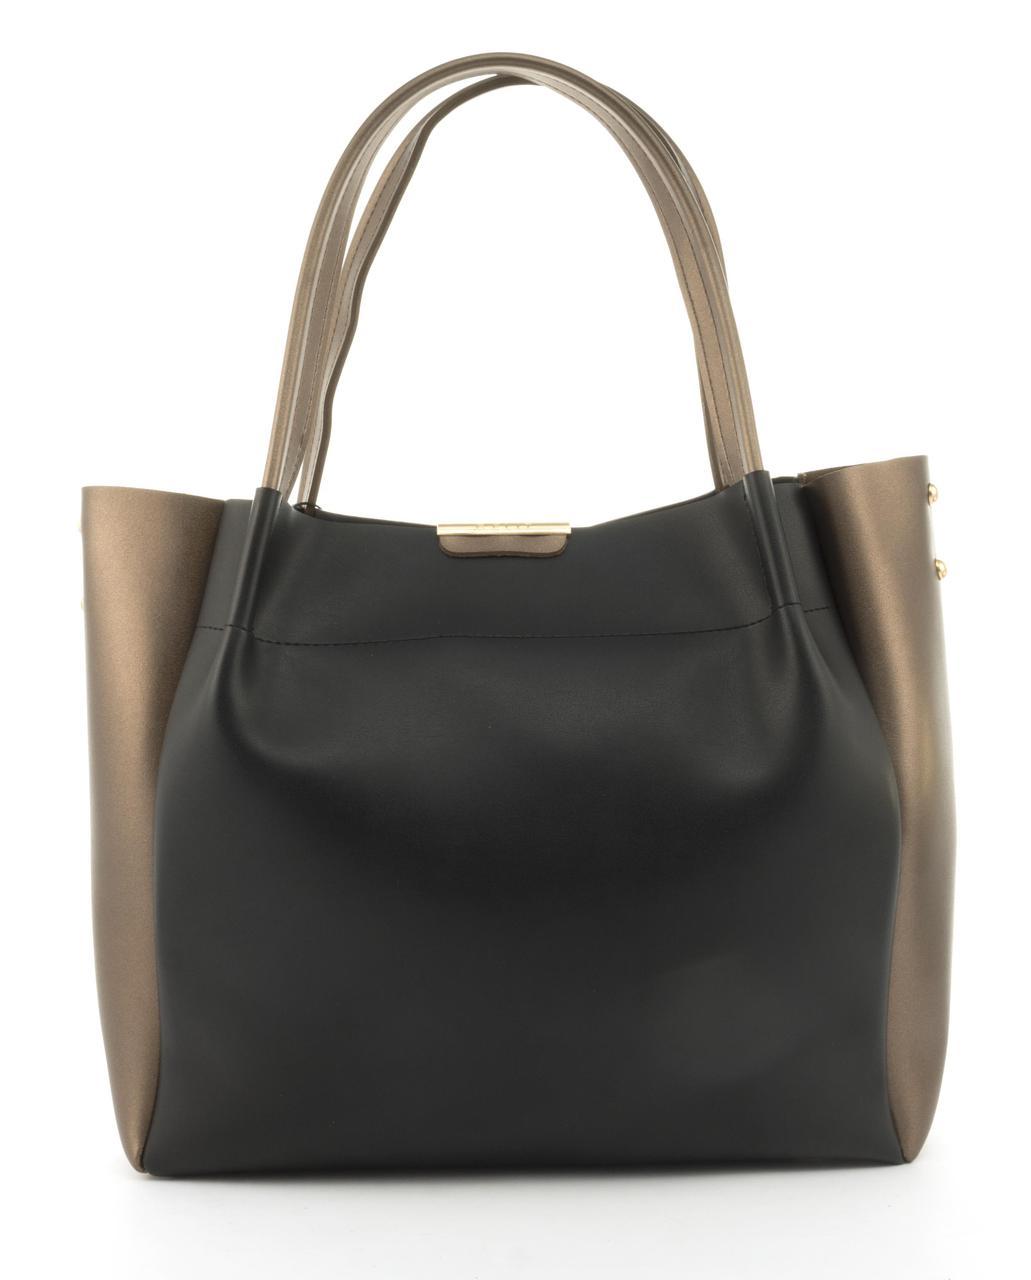 Вместительная прочная модная сумка из эко кожи высокого качества B.Elite art. 07-76 черный/золото